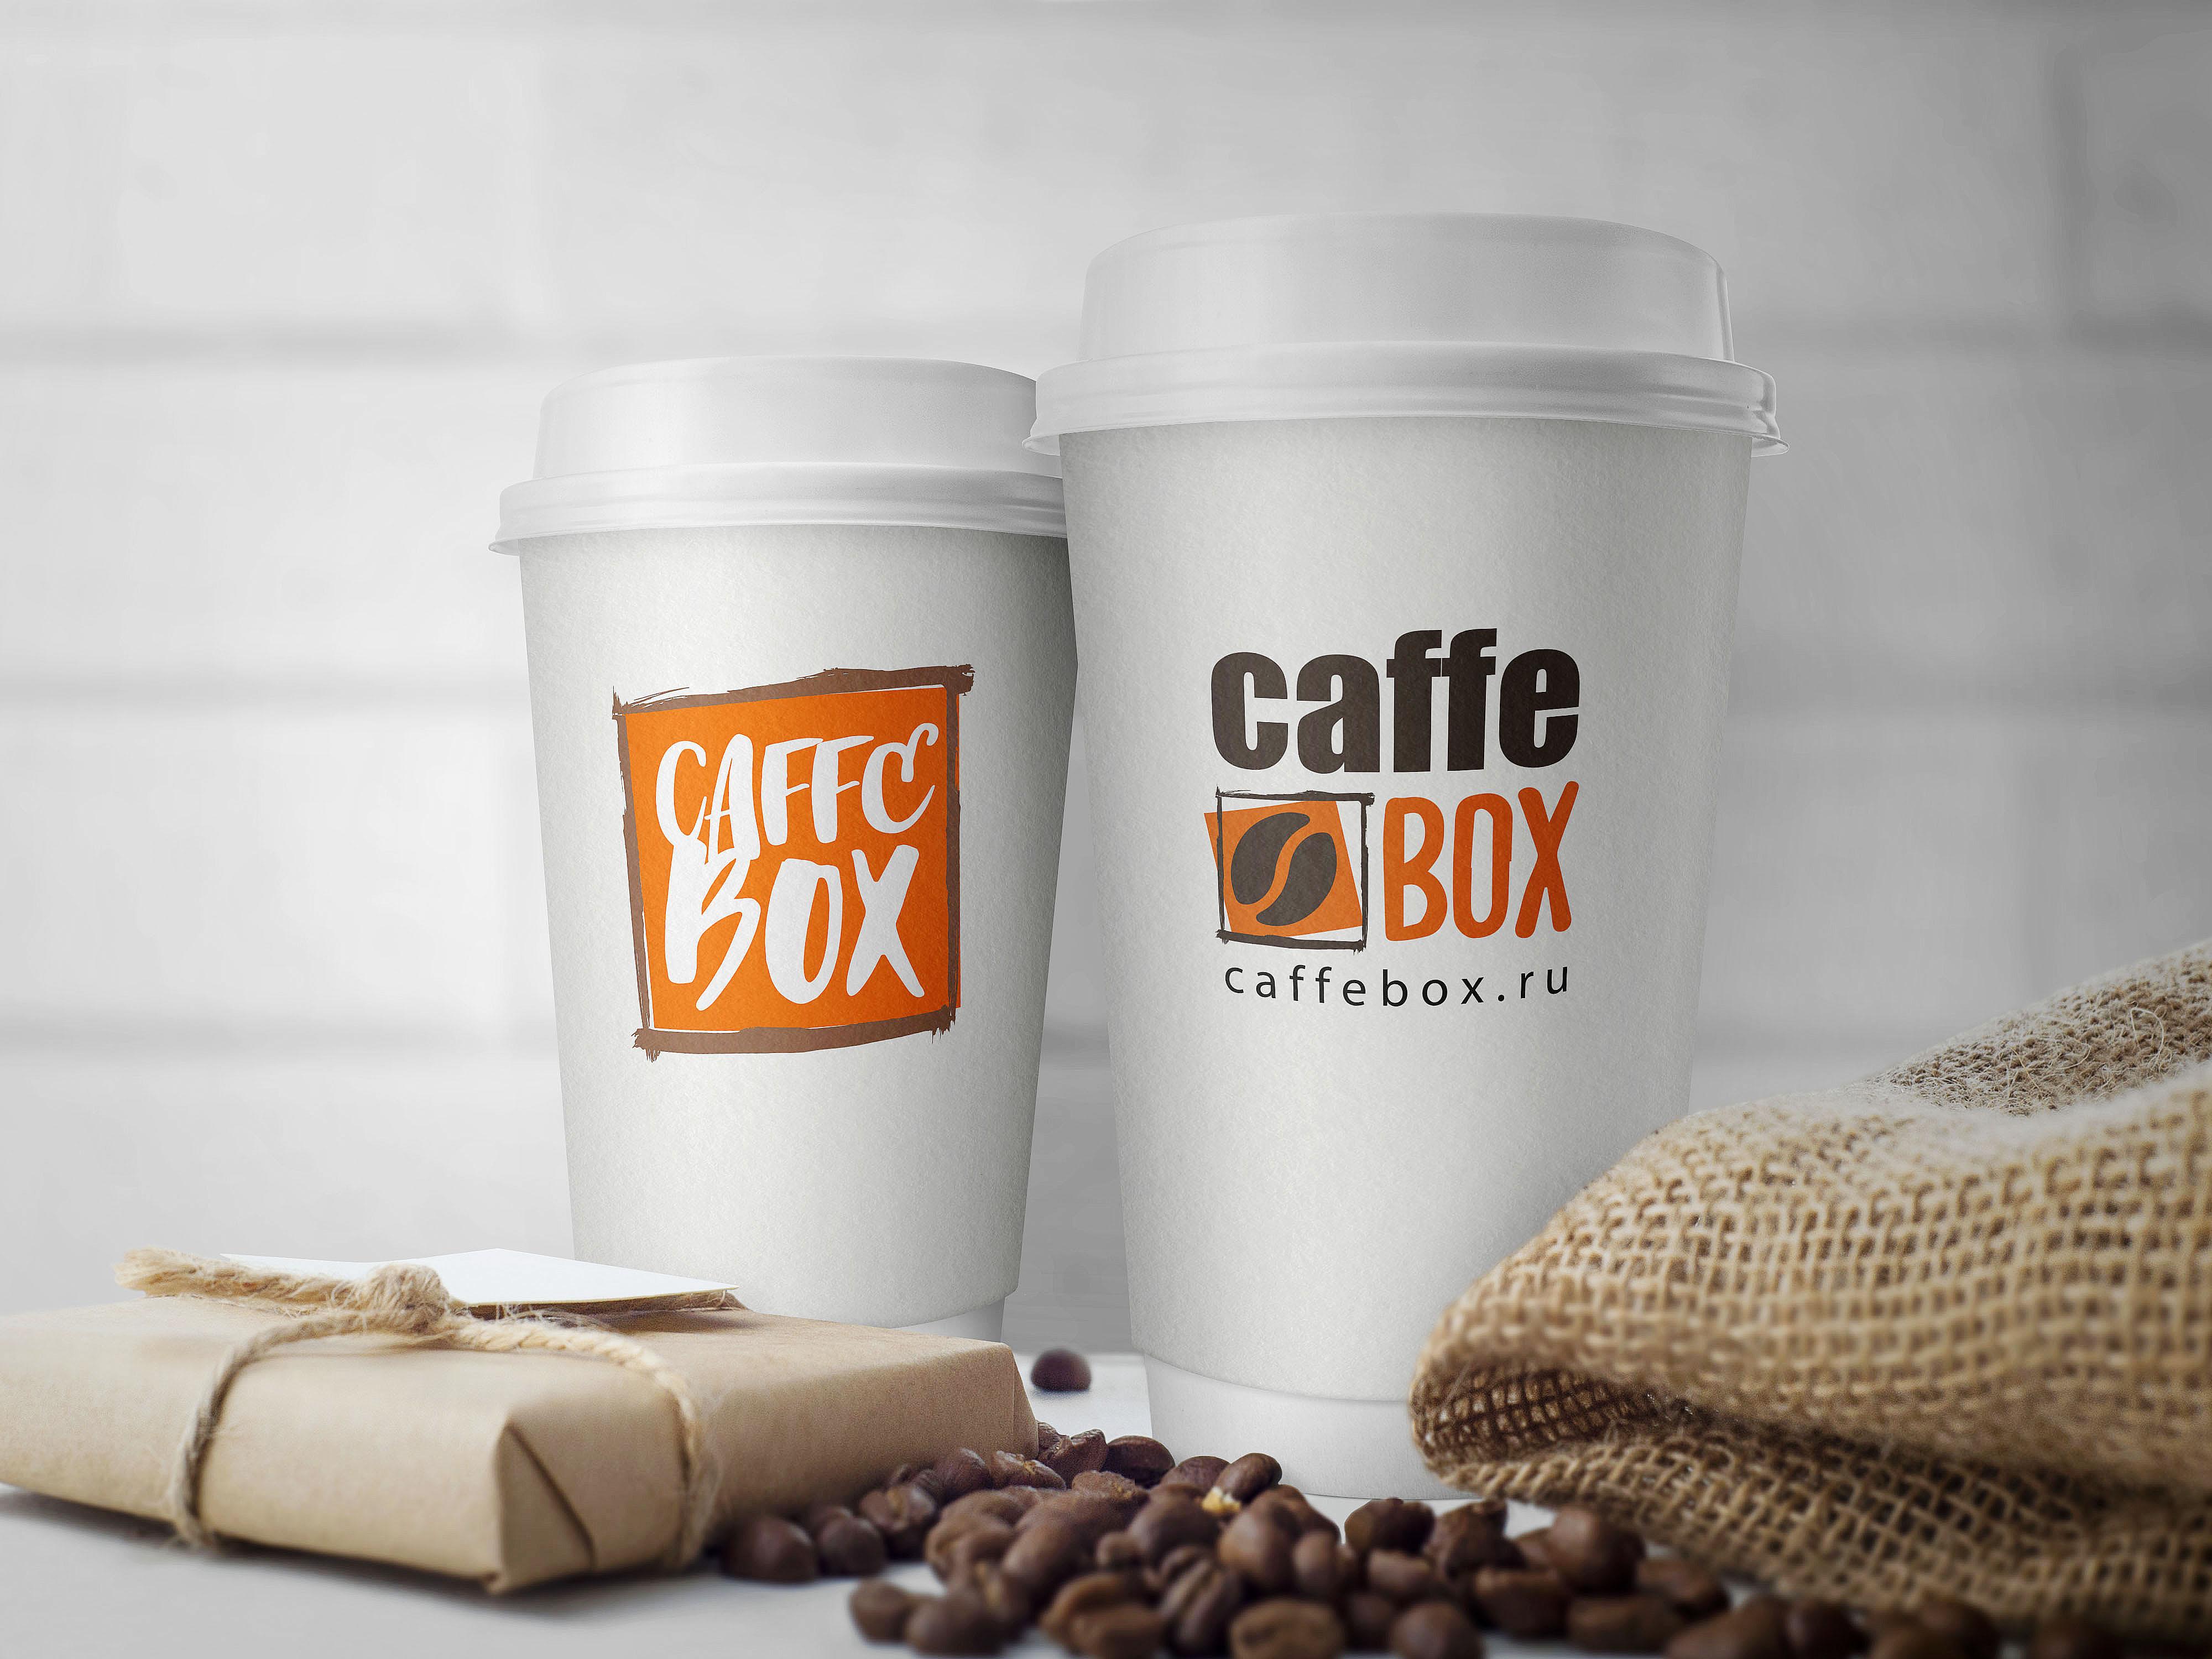 Требуется очень срочно разработать логотип кофейни! фото f_1955a0b52ba1ceea.jpg